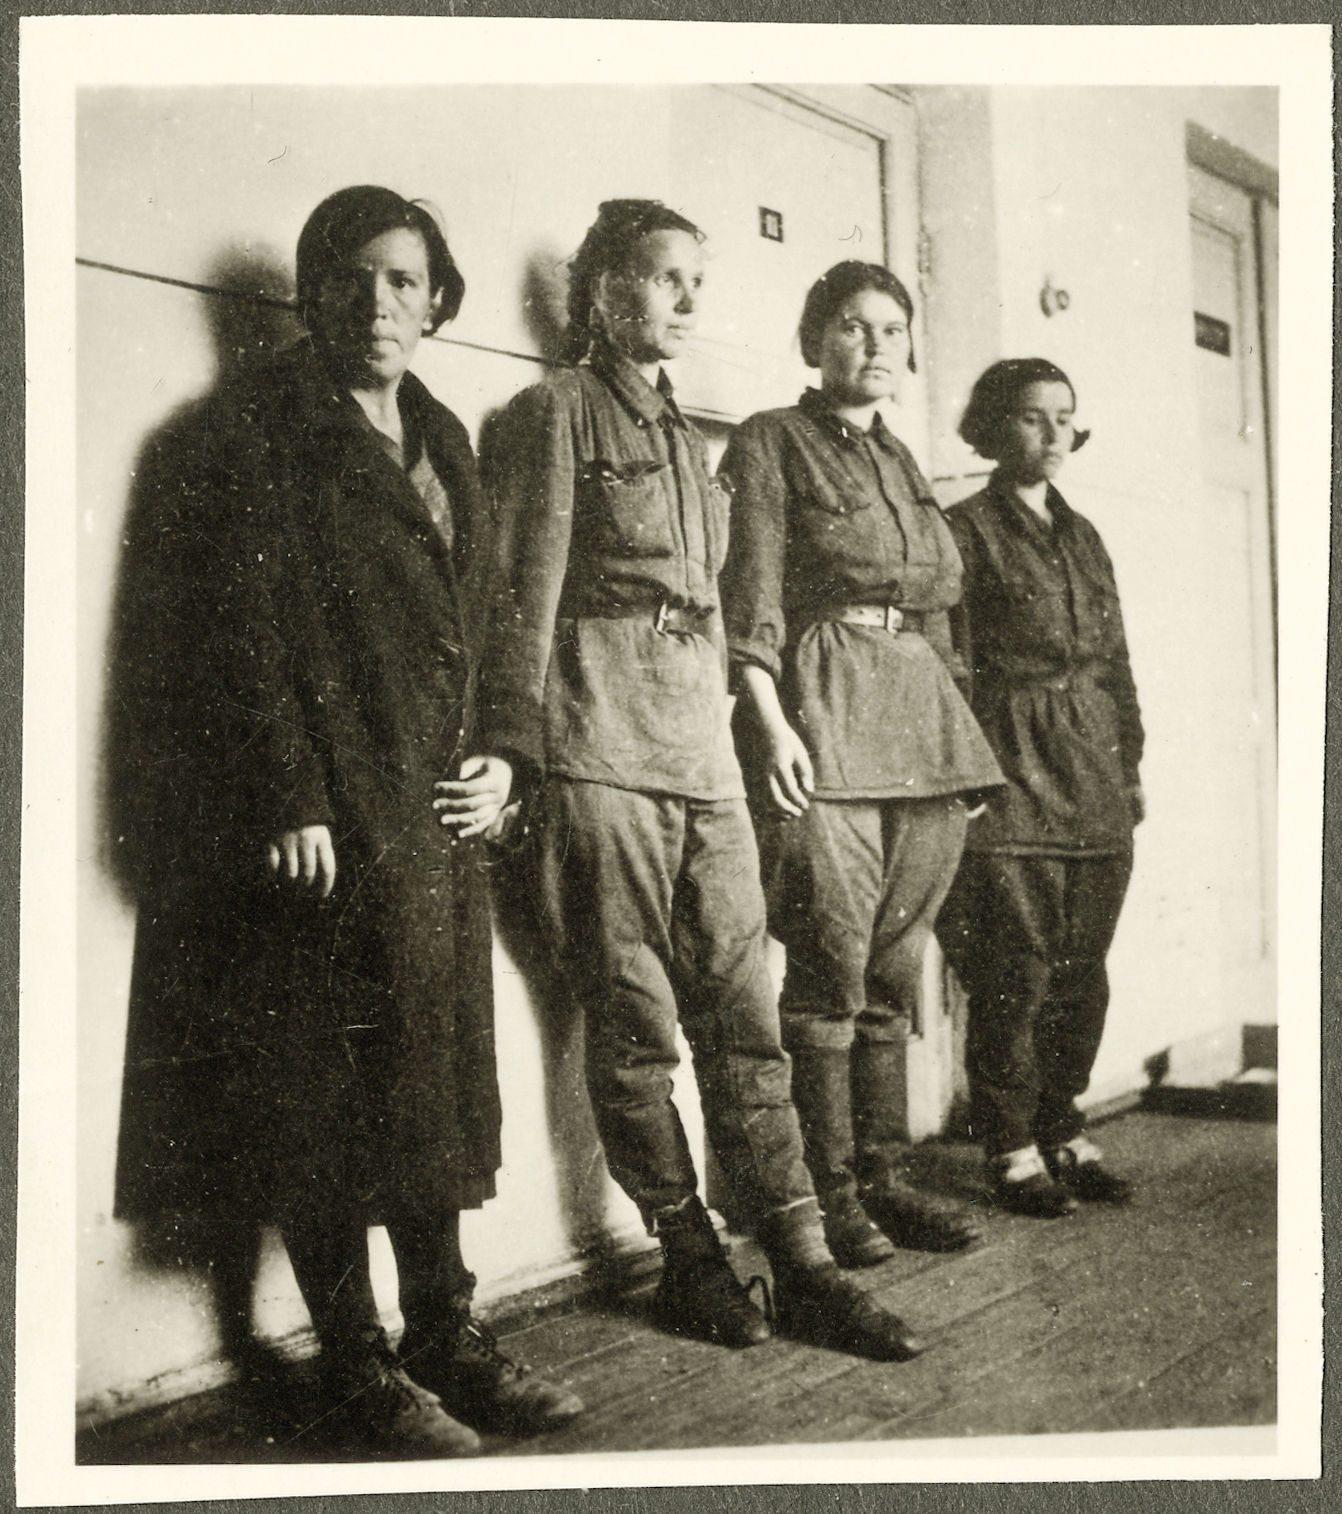 Sowjetische Soldatinnen, vermutlich vor einem Verhör. Sowjetunion, ohne Datierung. Album anonym, Archiv Reiner Moneth, Norden